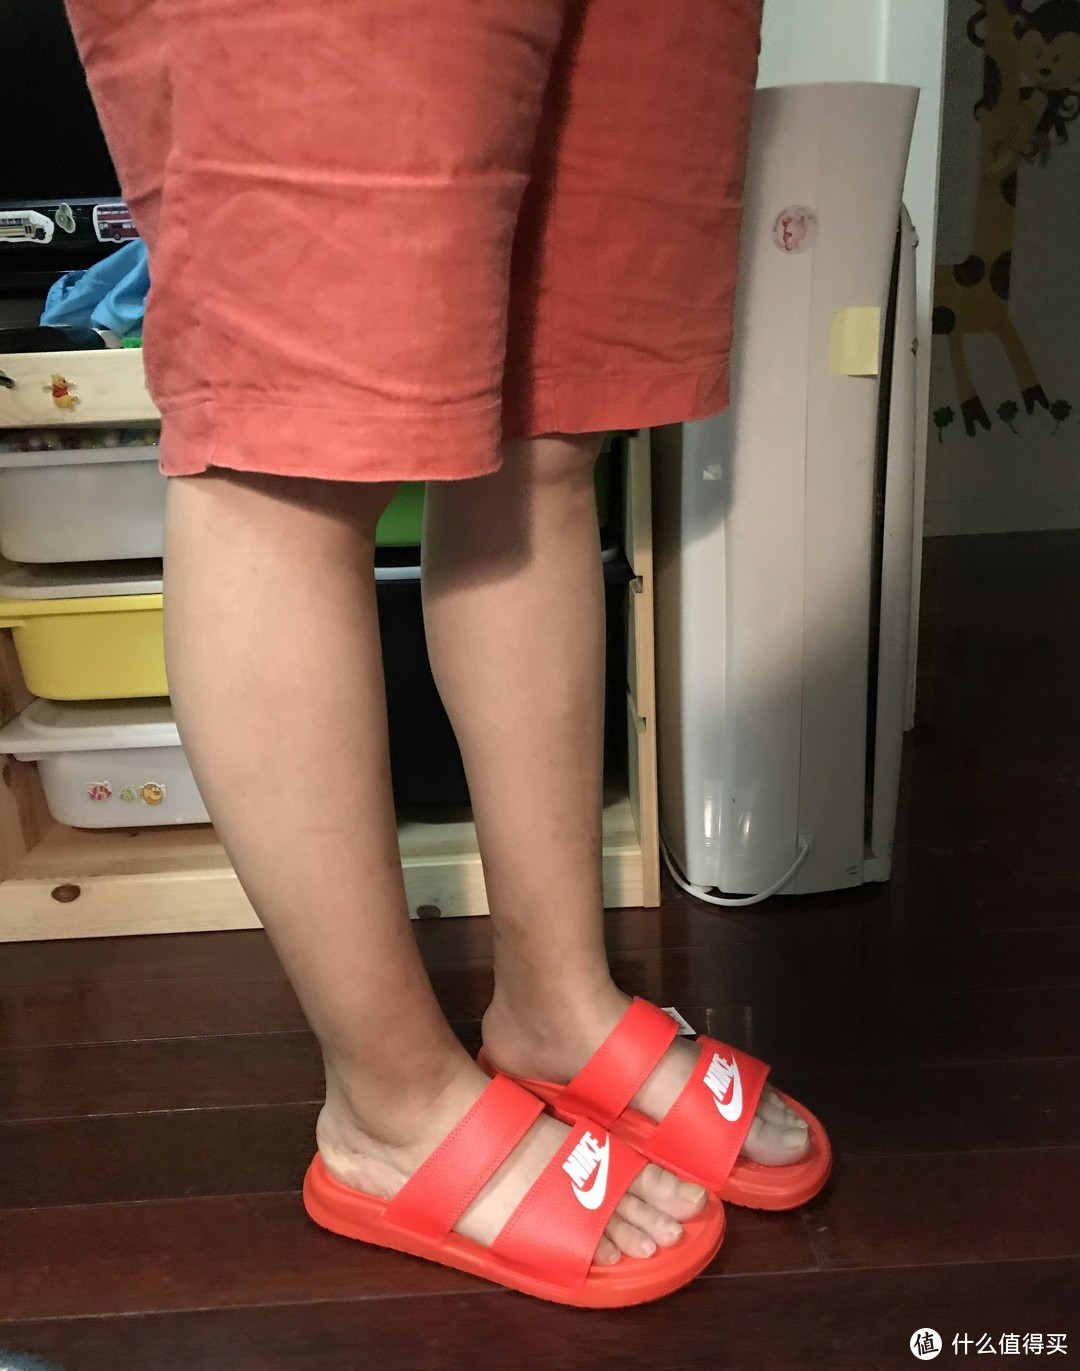 #七夕#秀恩爱#抓住夏天的尾巴!NIKE BENASSI DUO ULTRA SLIDE 女士凉鞋